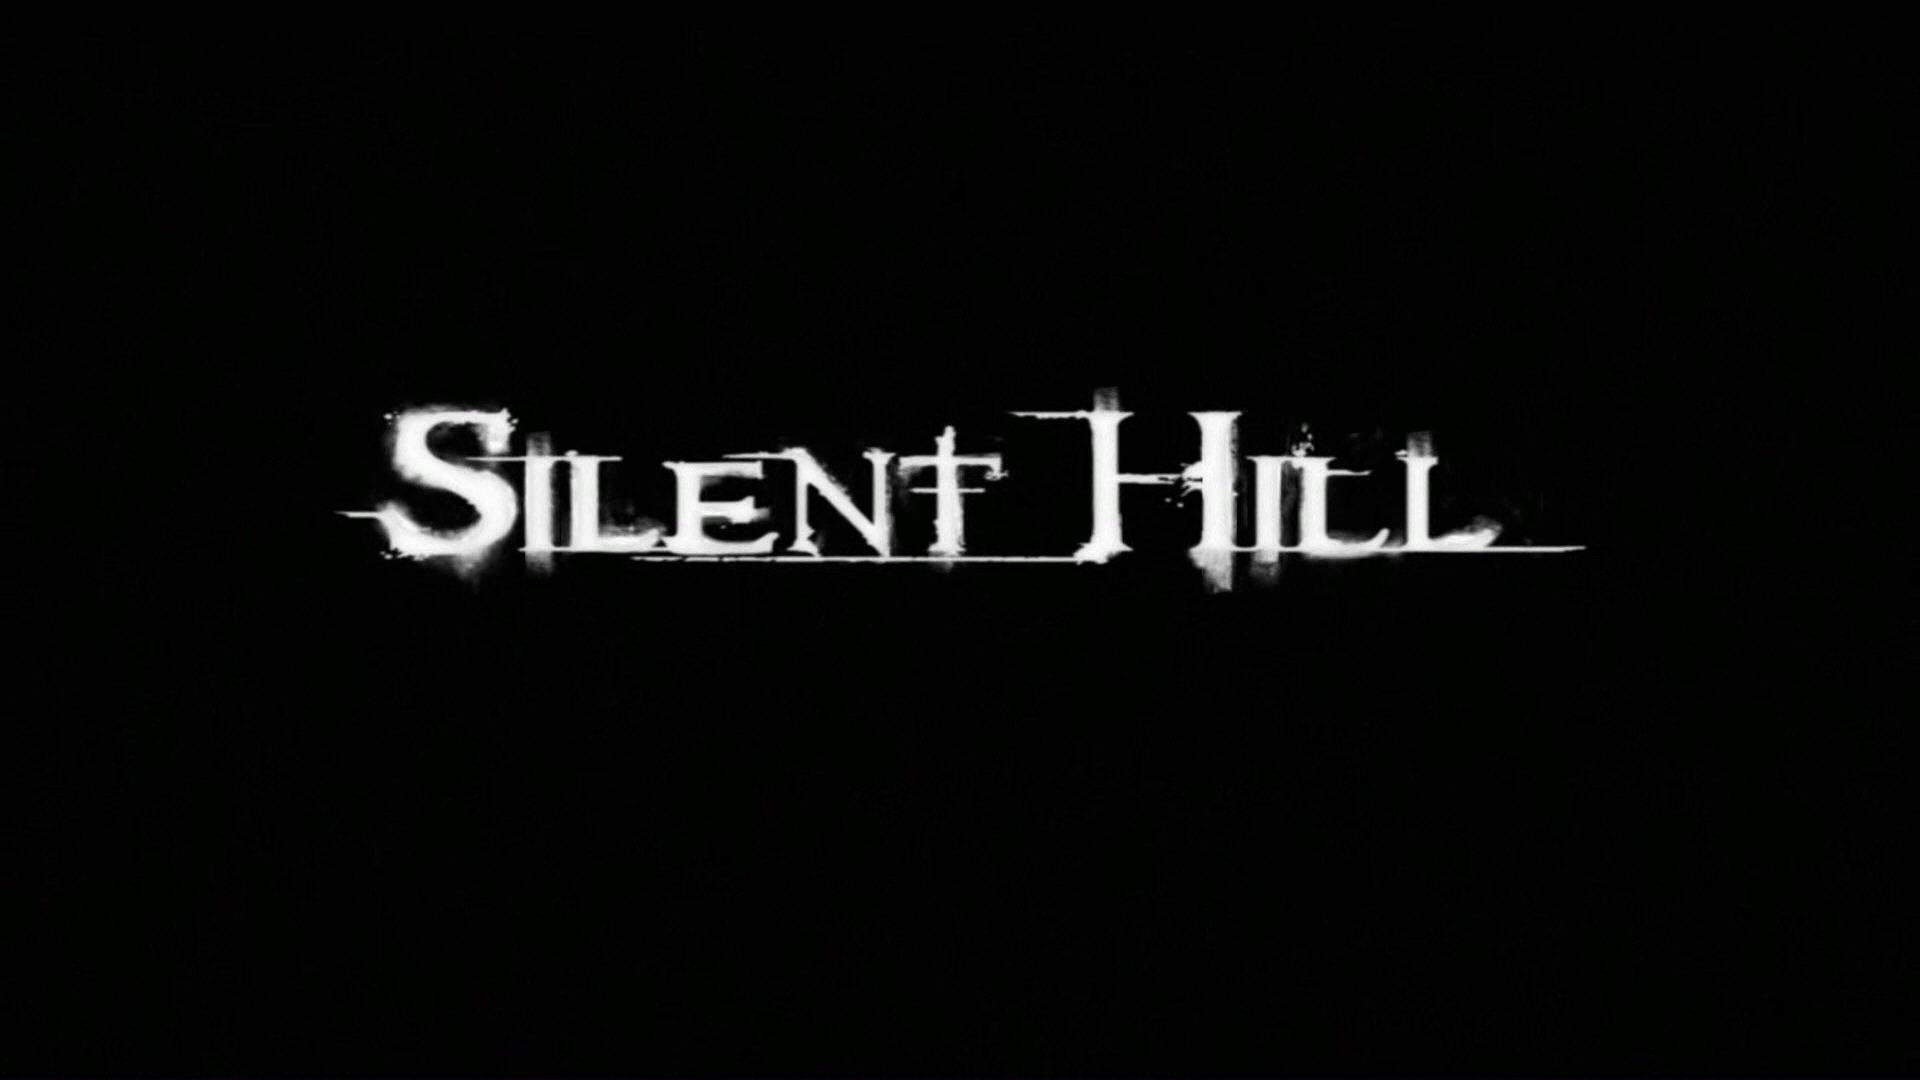 Silent Hill 1 Wallpaper